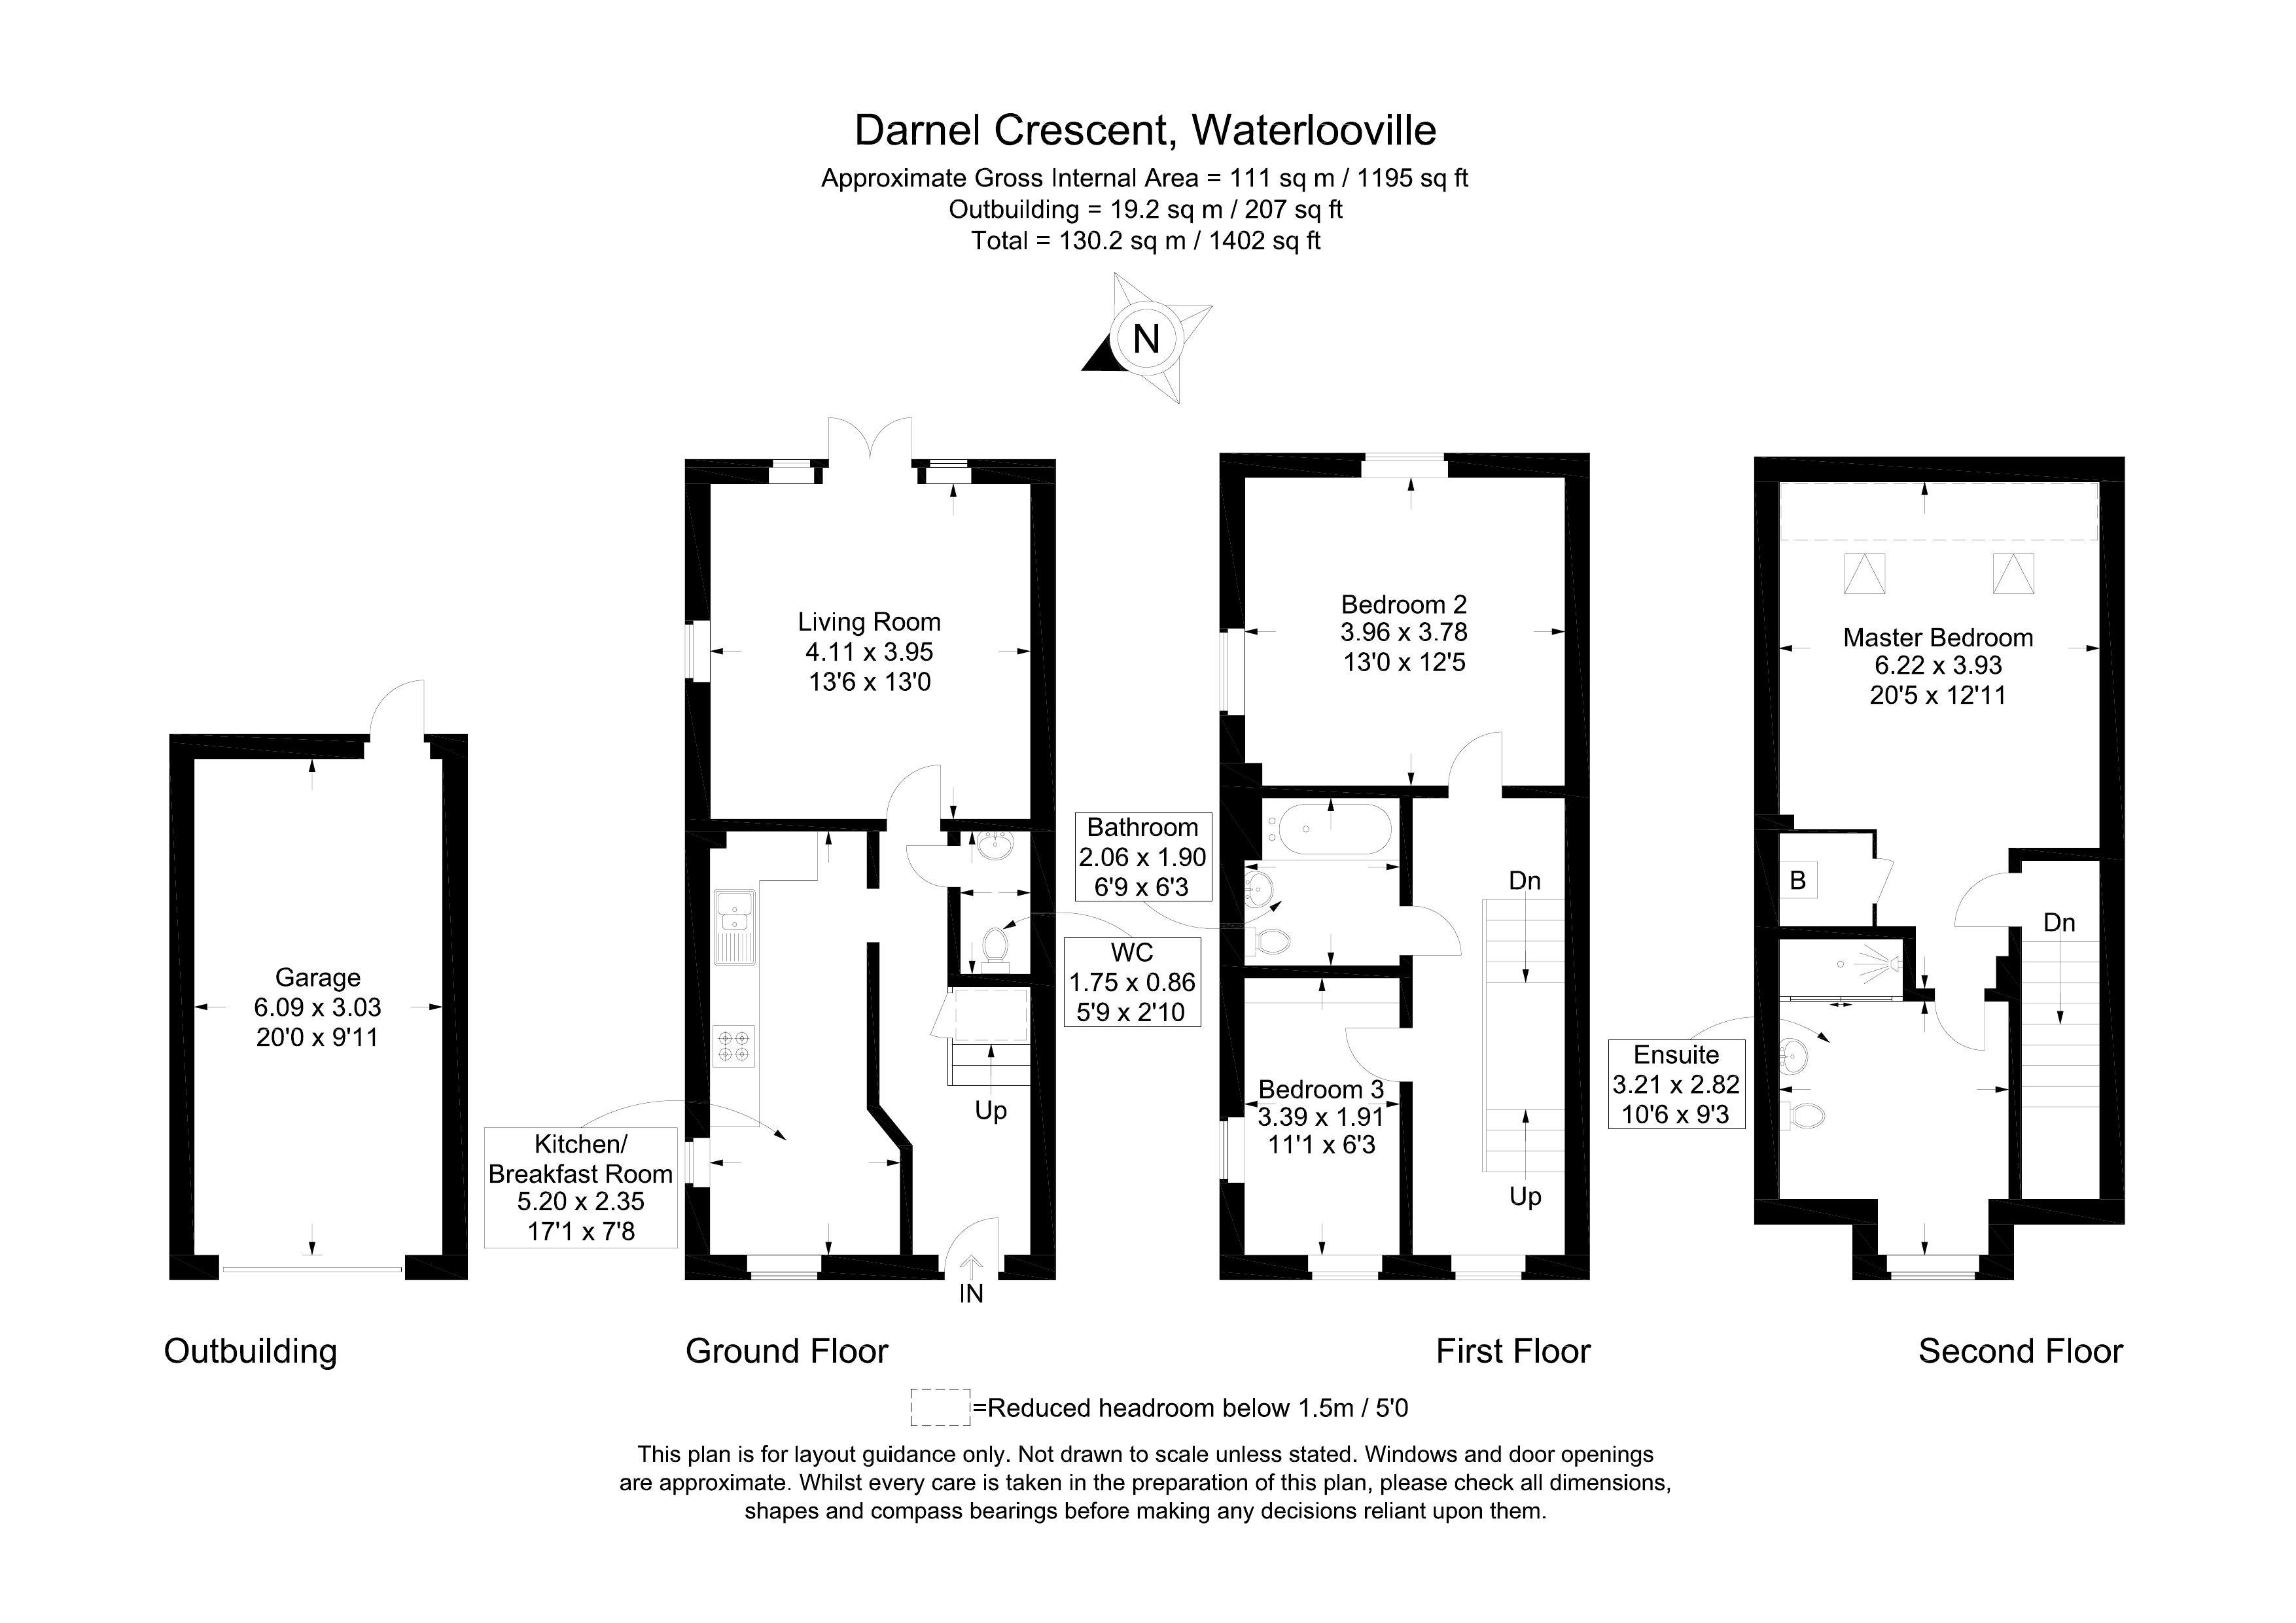 Darnel Crescent